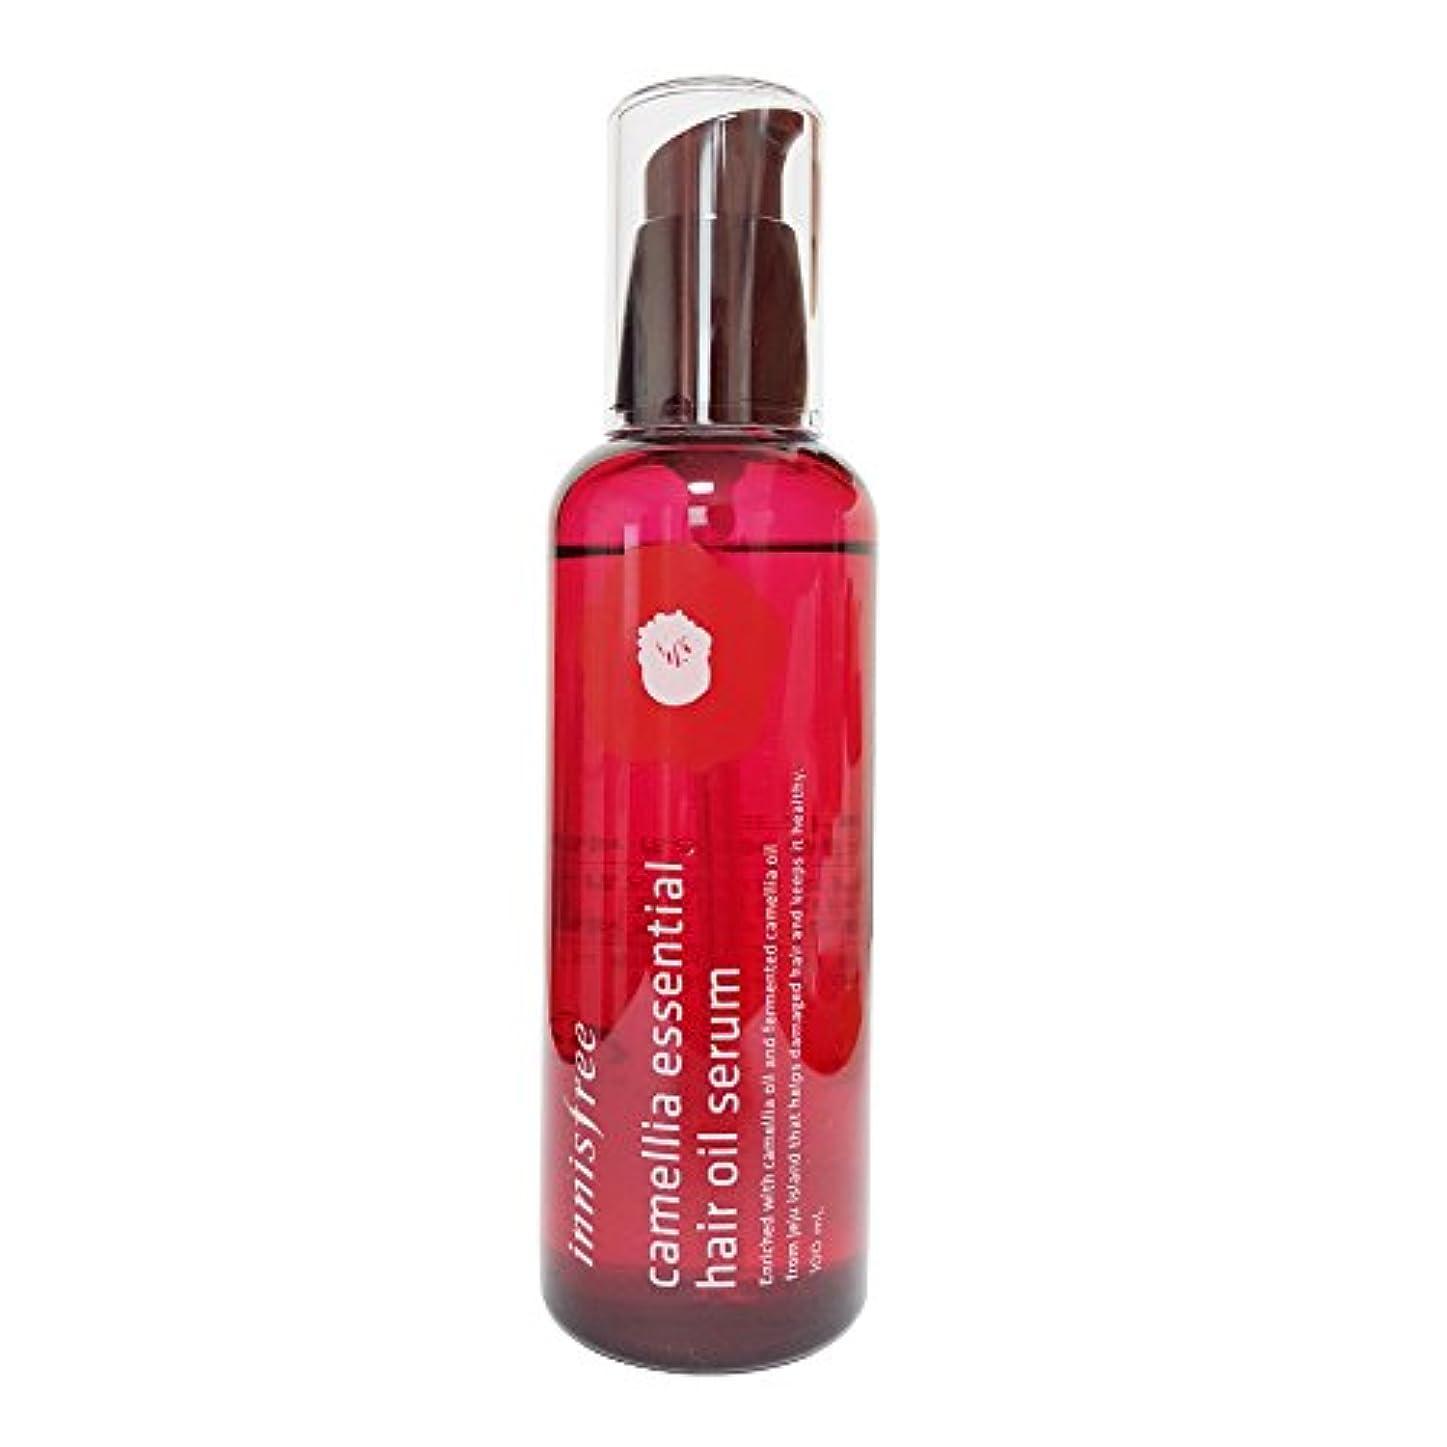 [イニスフリー] Innisfree カメリアエッセンシャル?ヘア?オイルセラム (100ml) Innisfree Camellia Essential Hair Oil Serum (100ml) [海外直送品]